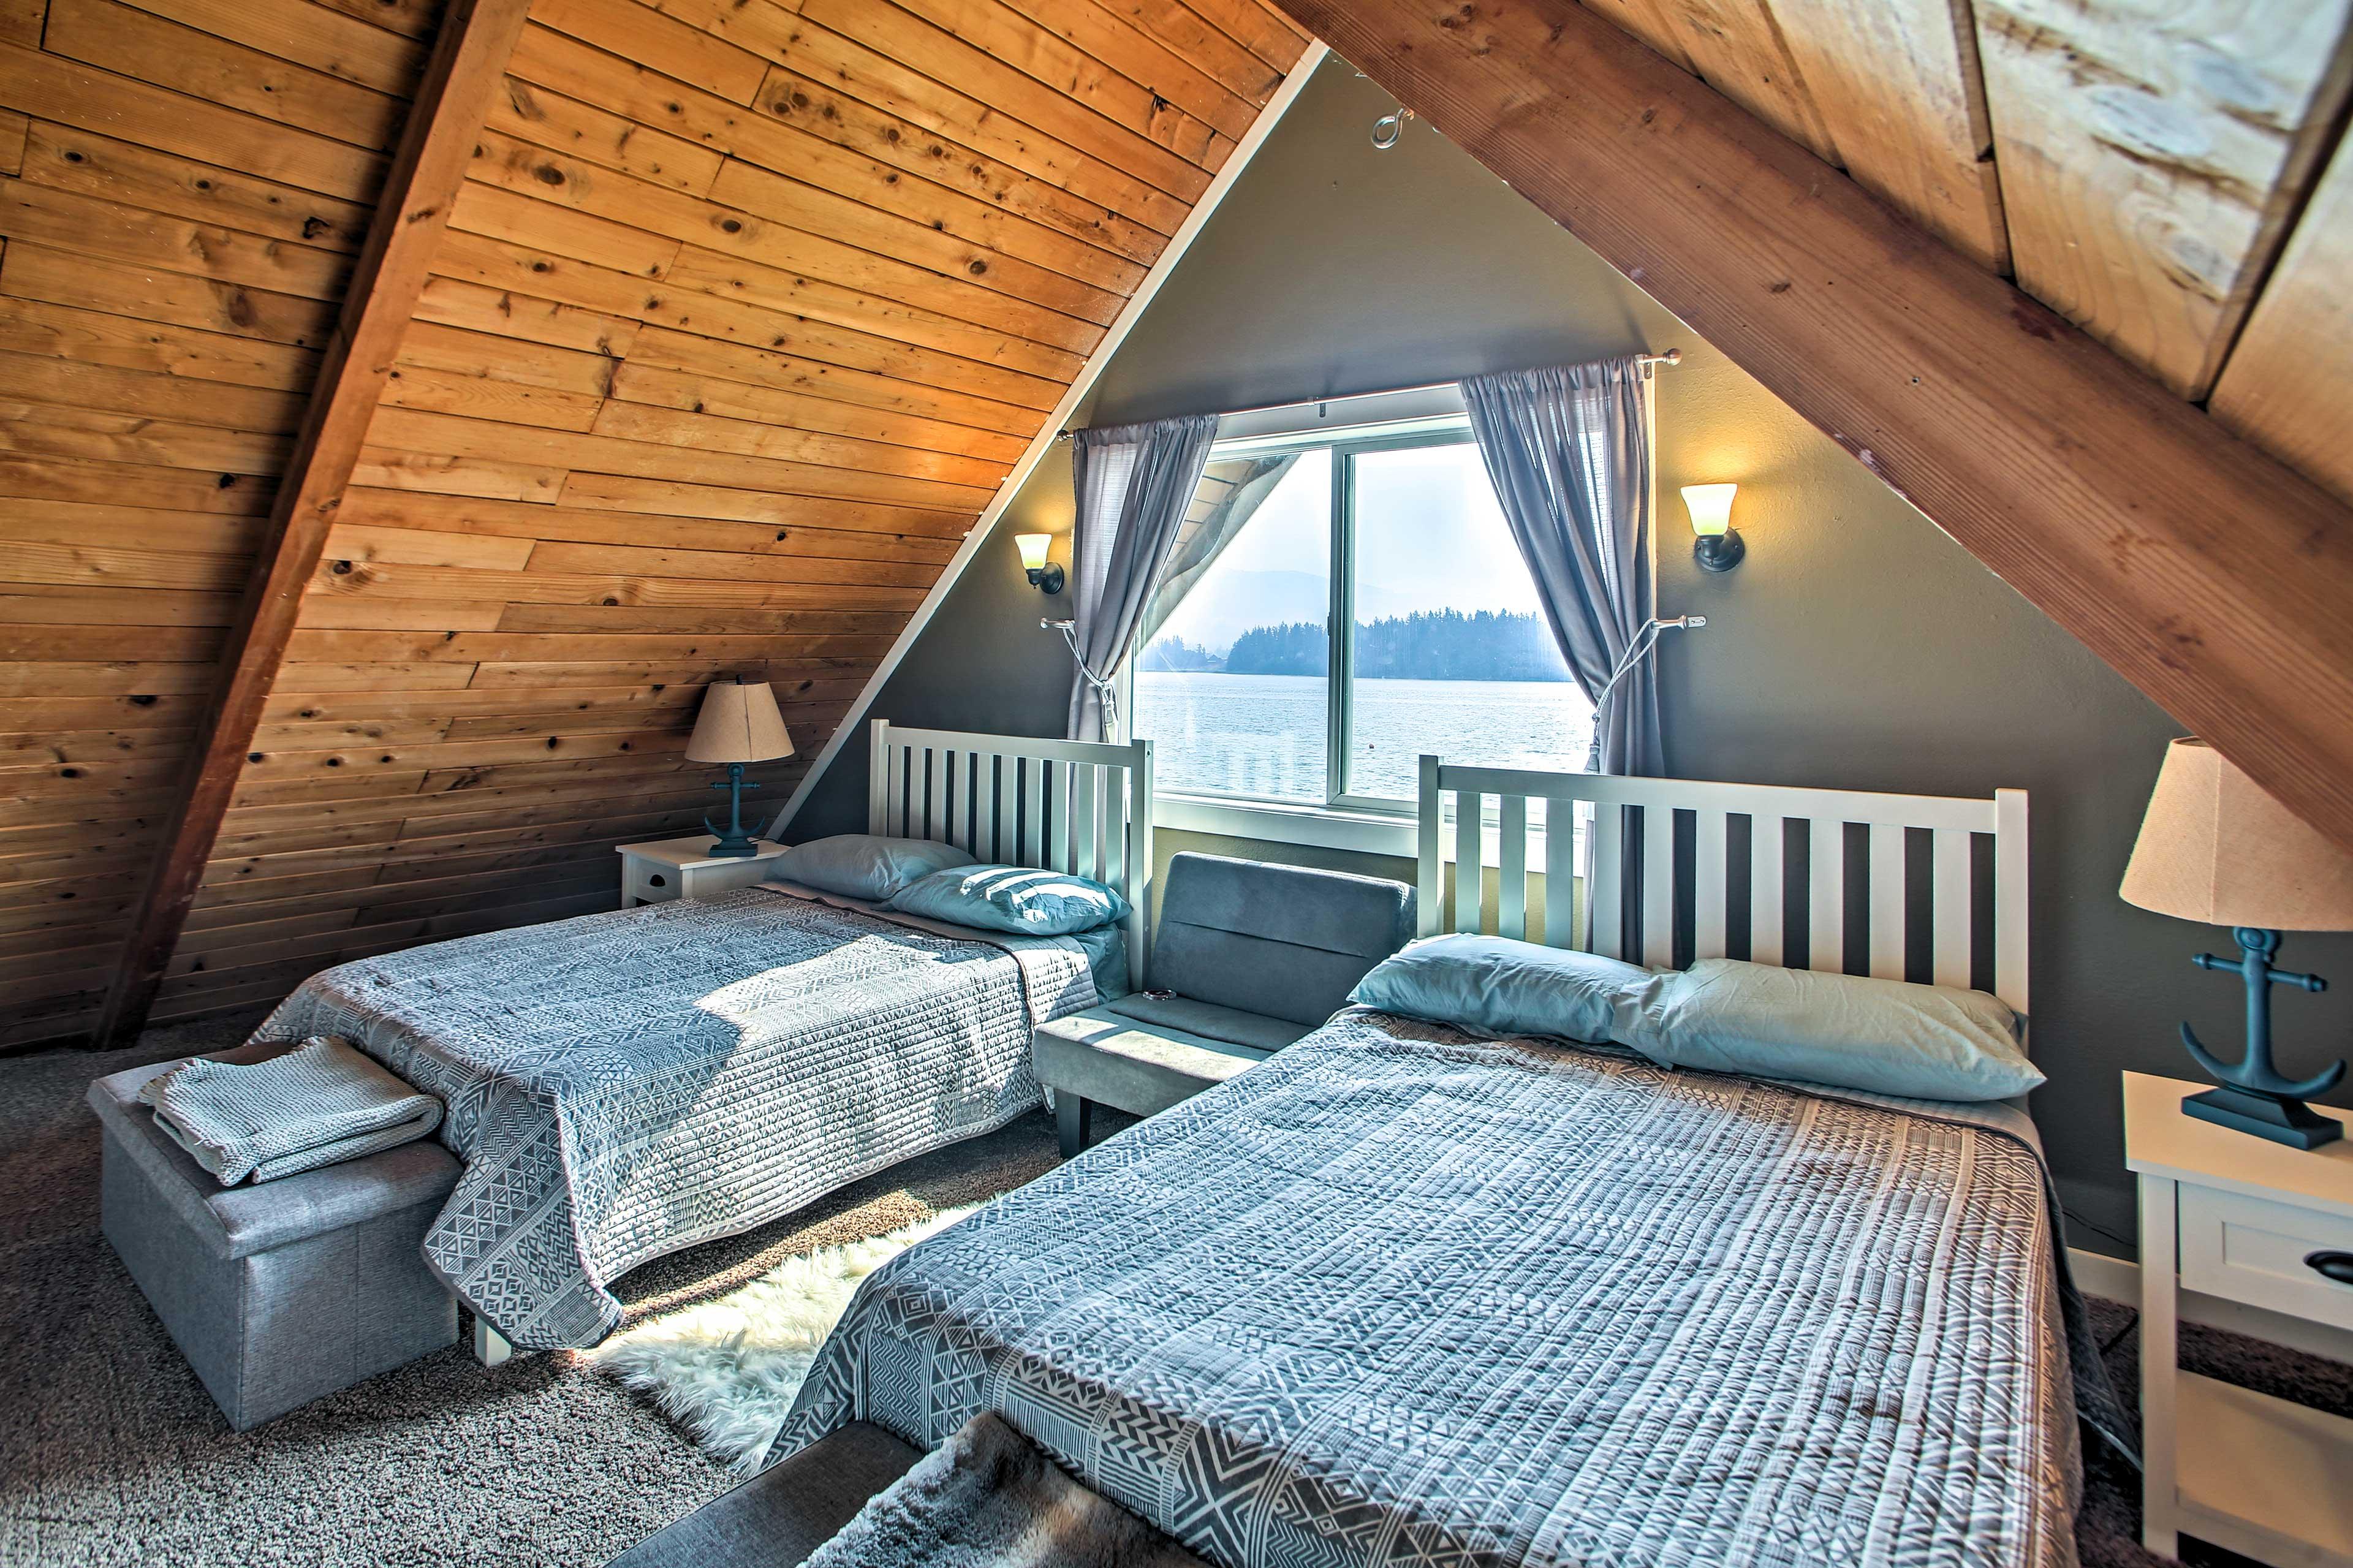 Bedroom 2 | 2 Full Beds